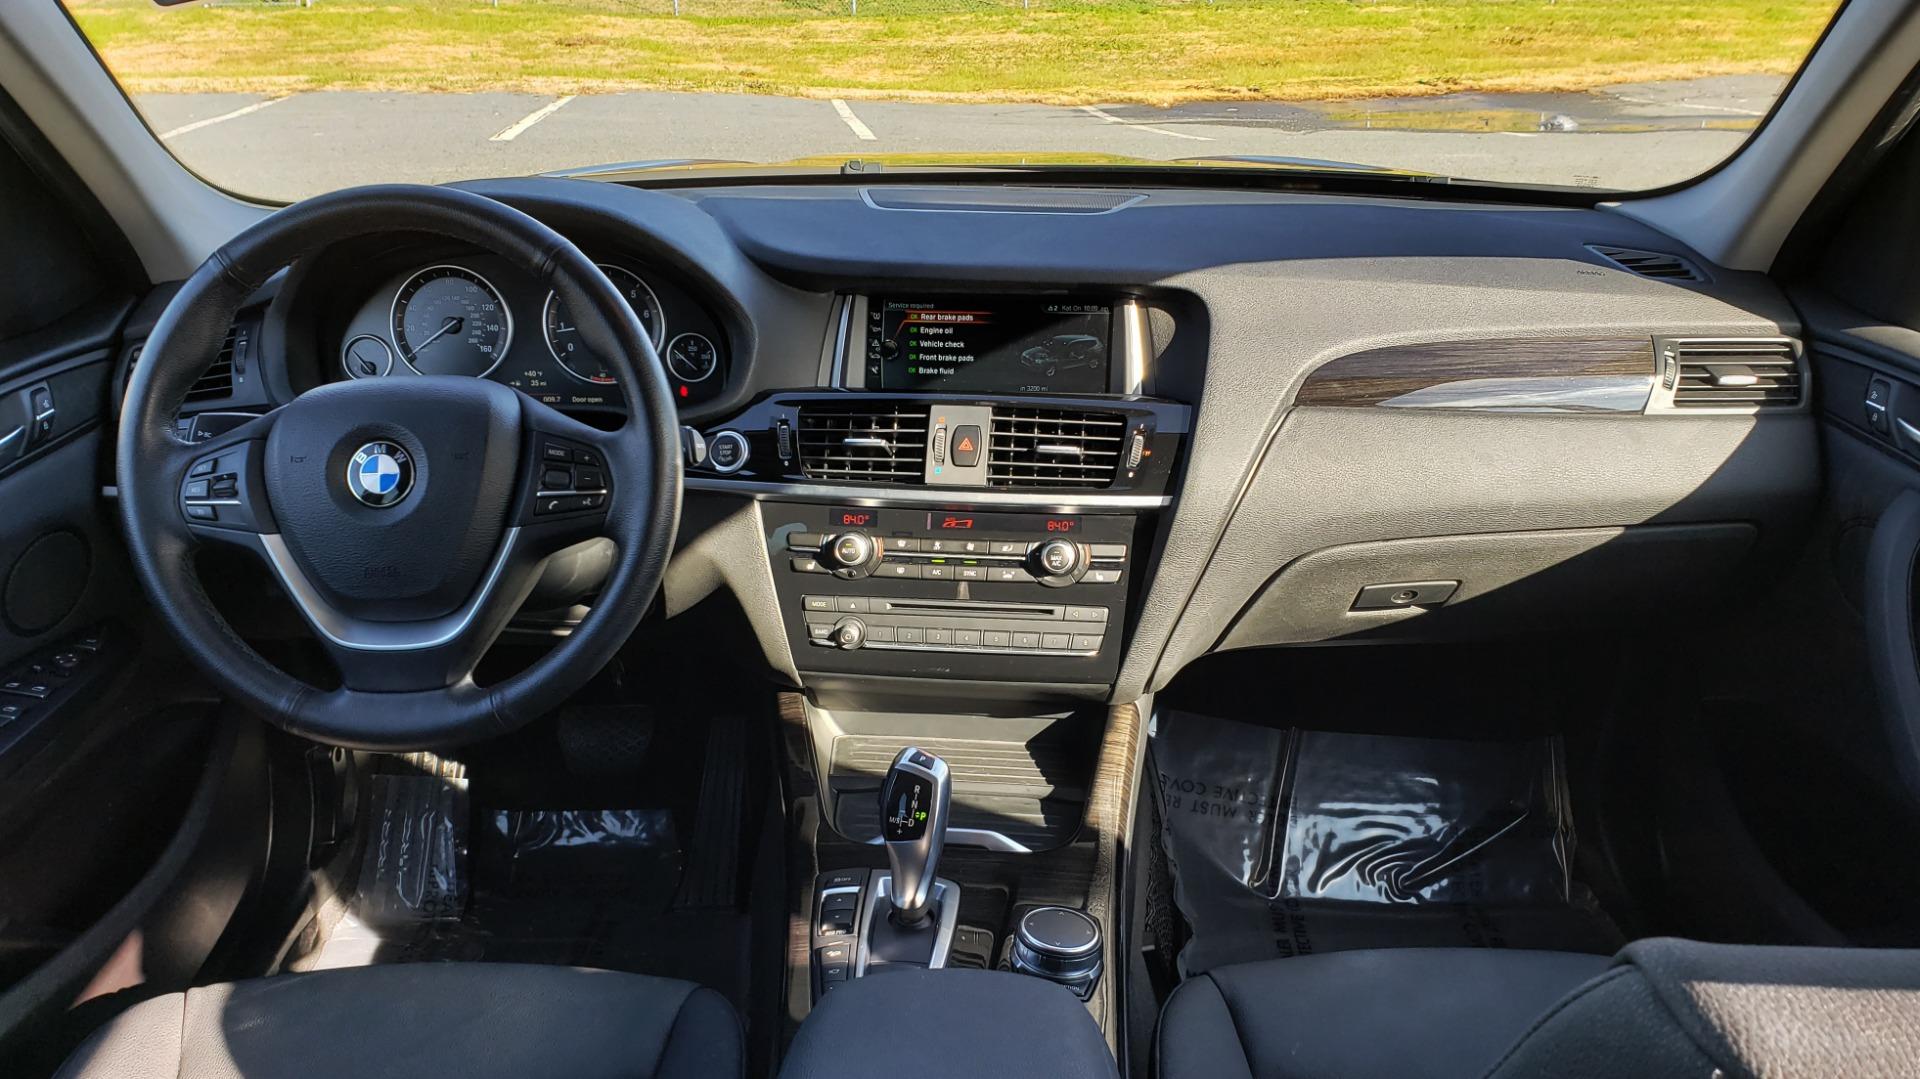 Used 2017 BMW X3 XDRIVE28I / PREM PKG / NAV / DRVR ASST / HTD STS / CAMERAS for sale Sold at Formula Imports in Charlotte NC 28227 89